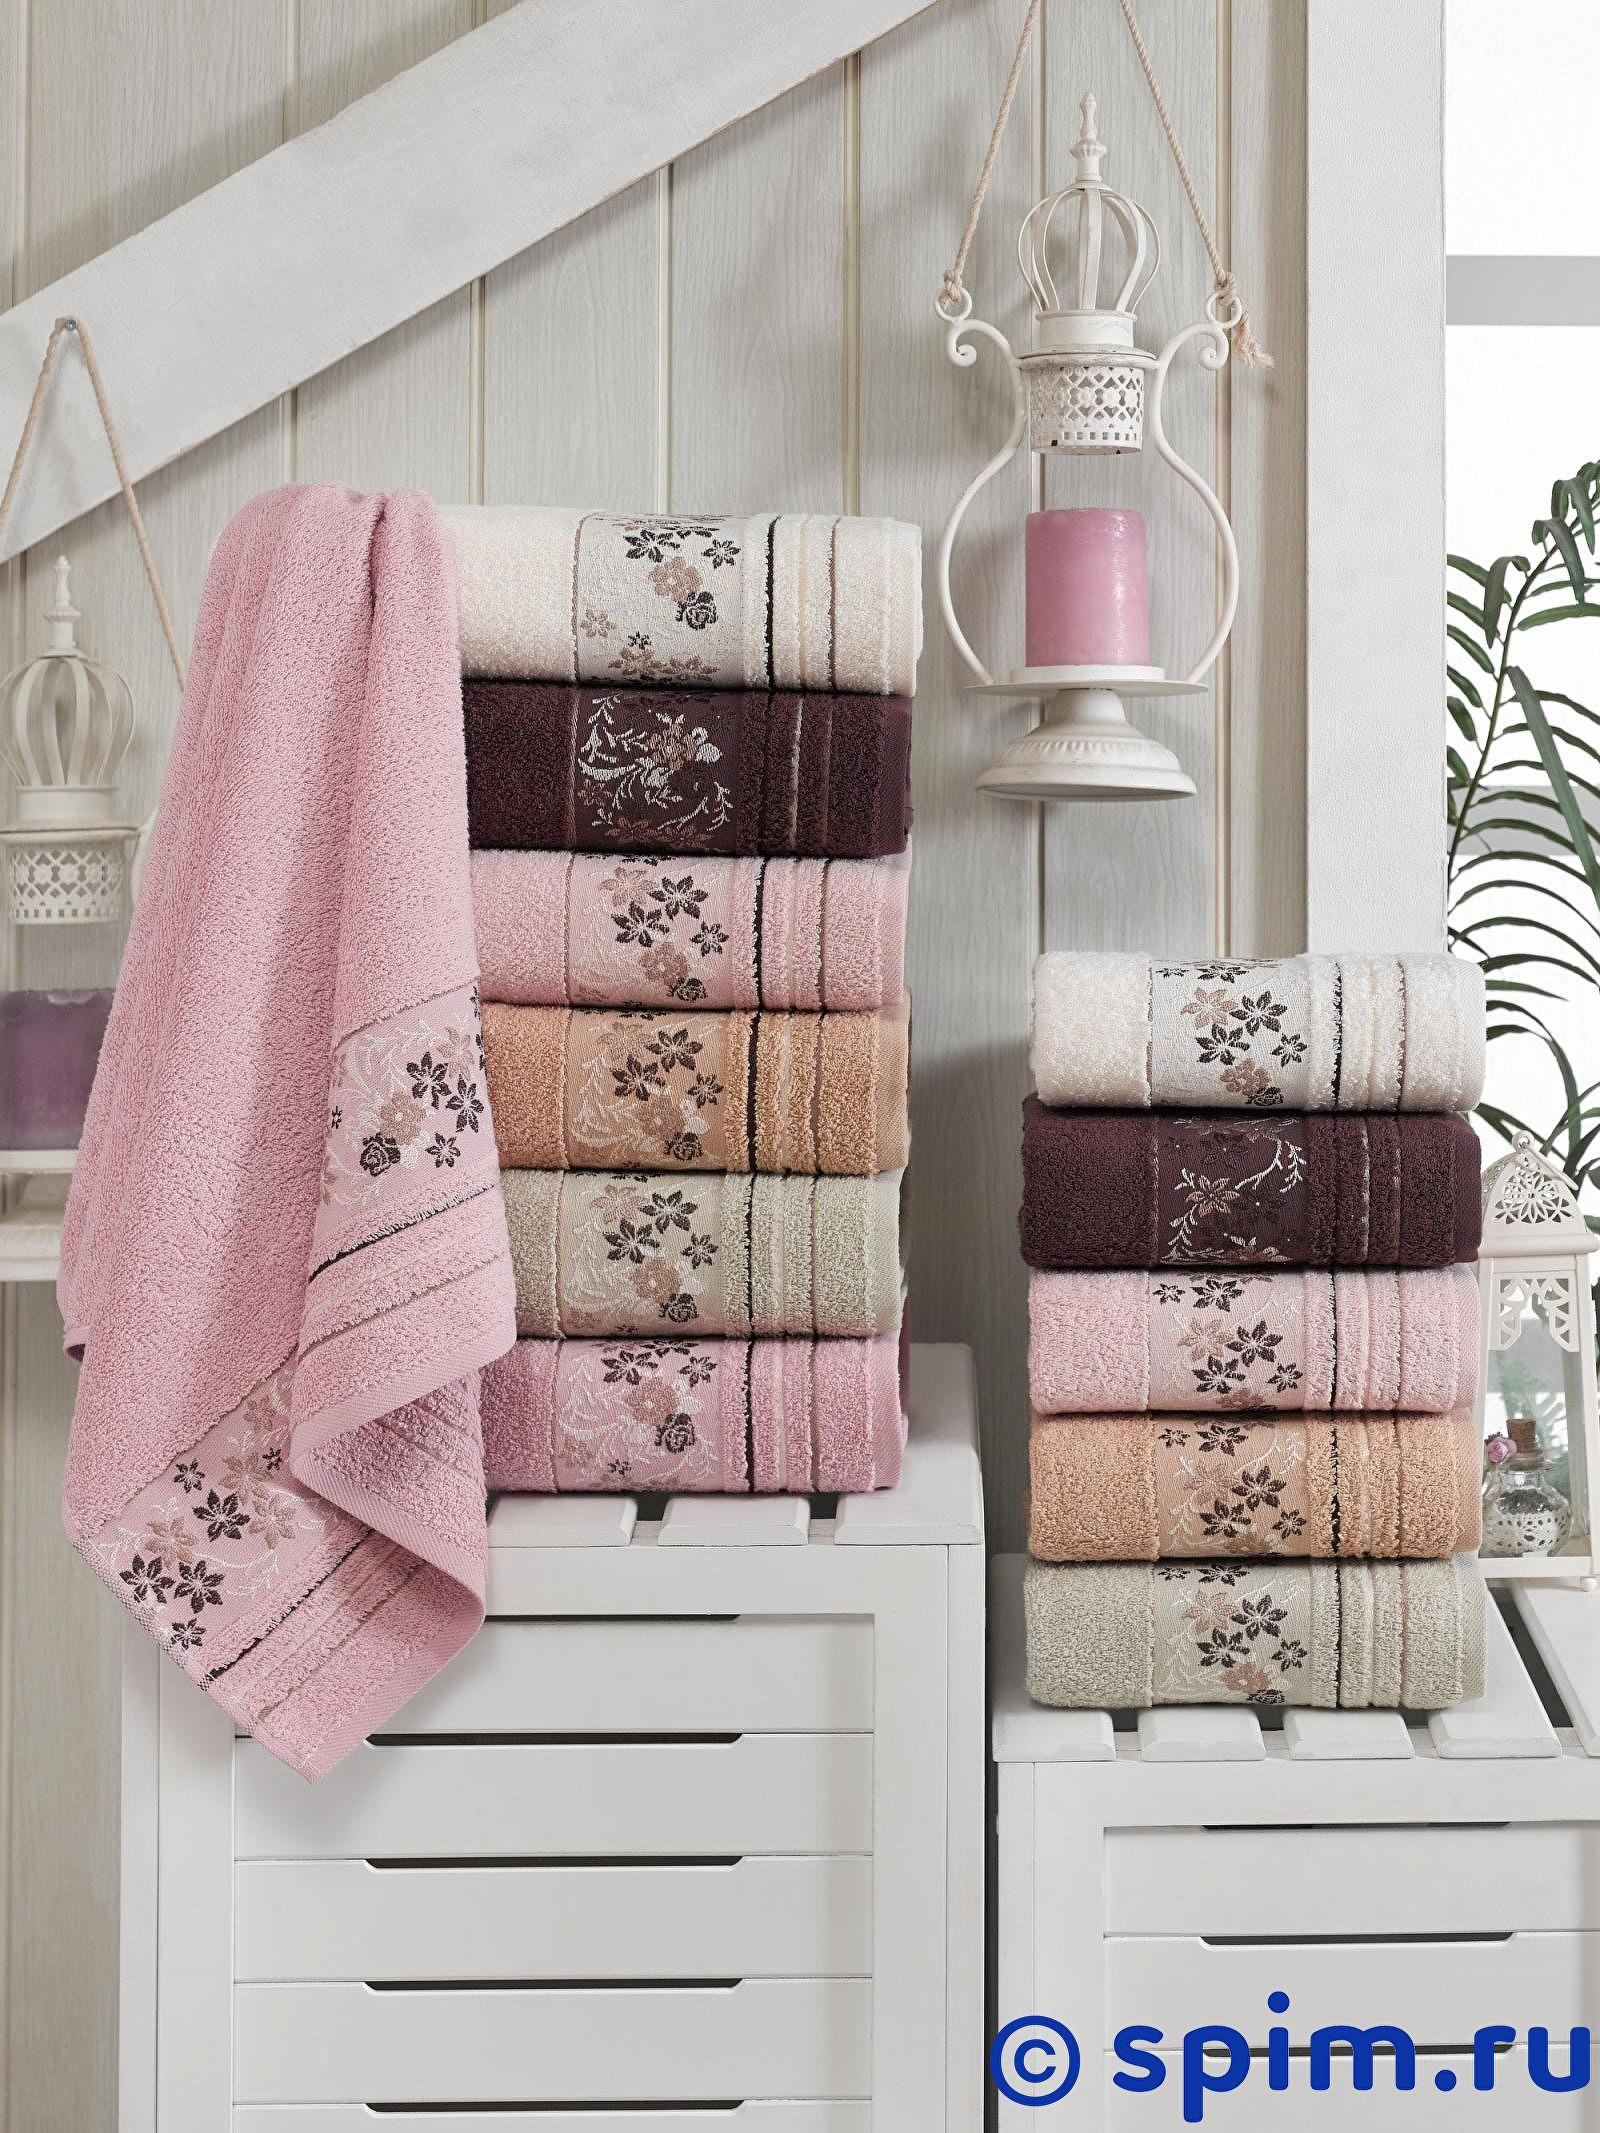 Набор из 6-ти полотенец Do&co Sonbahar Soft 50х90 см сирень classik б 50х90 70х130 в коробке набор полотенец фиеста